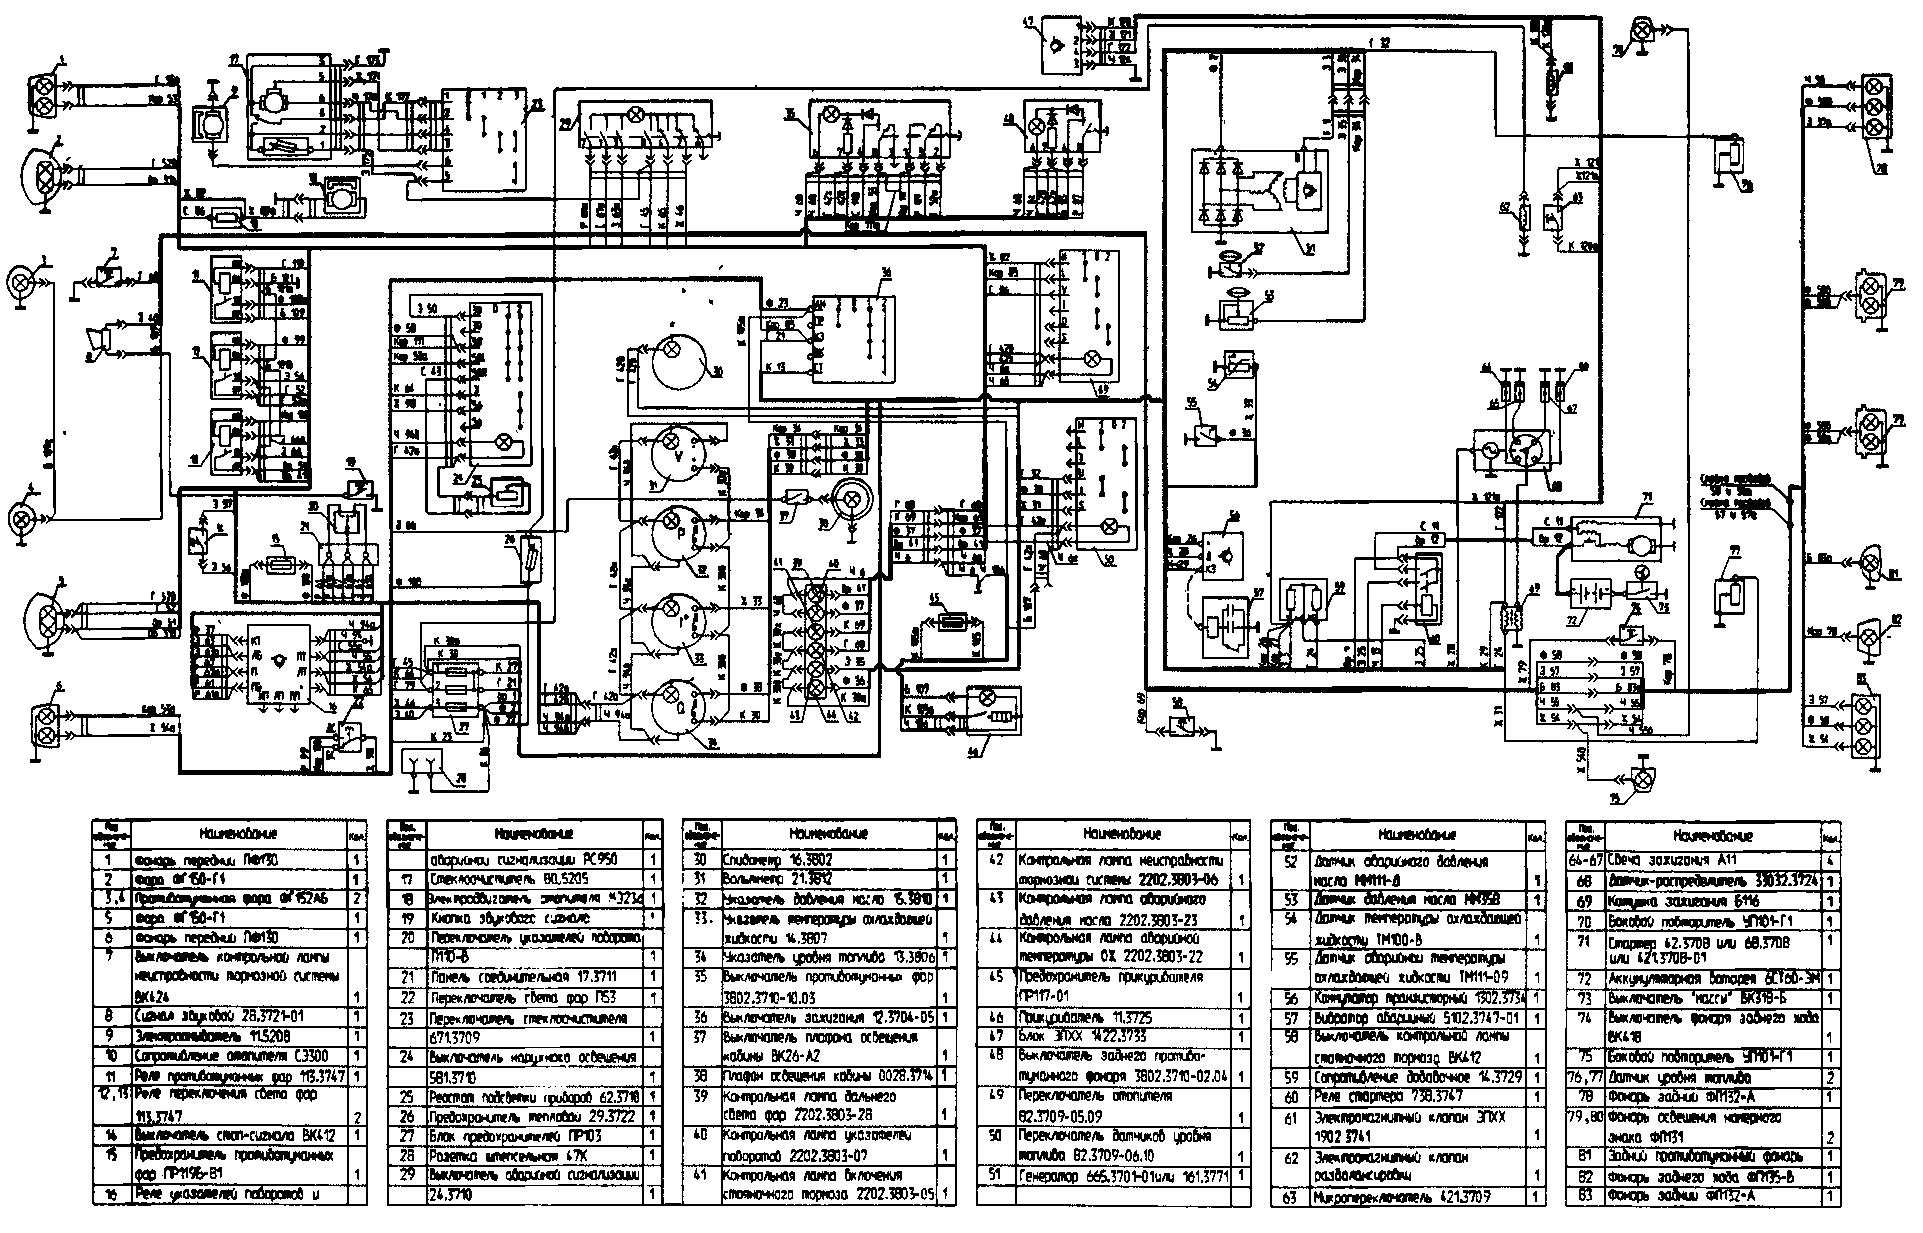 Схема электрооборудования автомобиля УАЗ-33036 без многофункциональных подрулевых переключателей